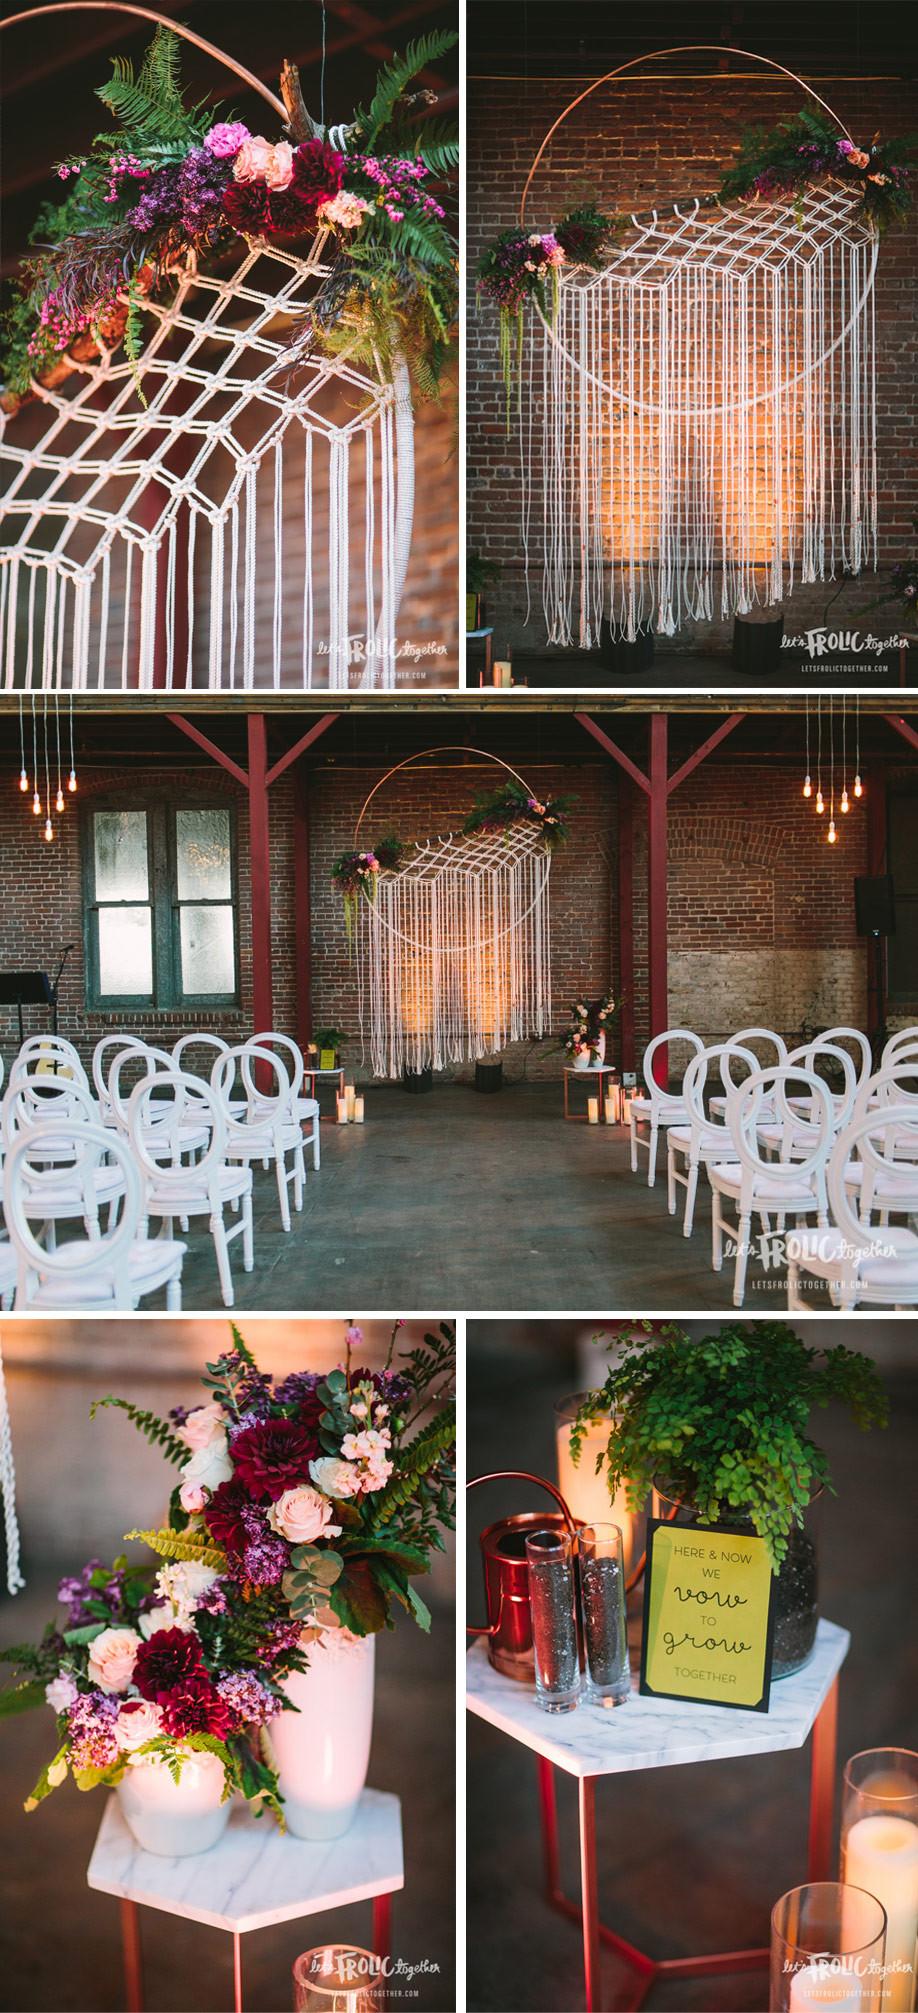 BFW_frankly.weddings_let'sfrolictogether_Ceremony.jpg